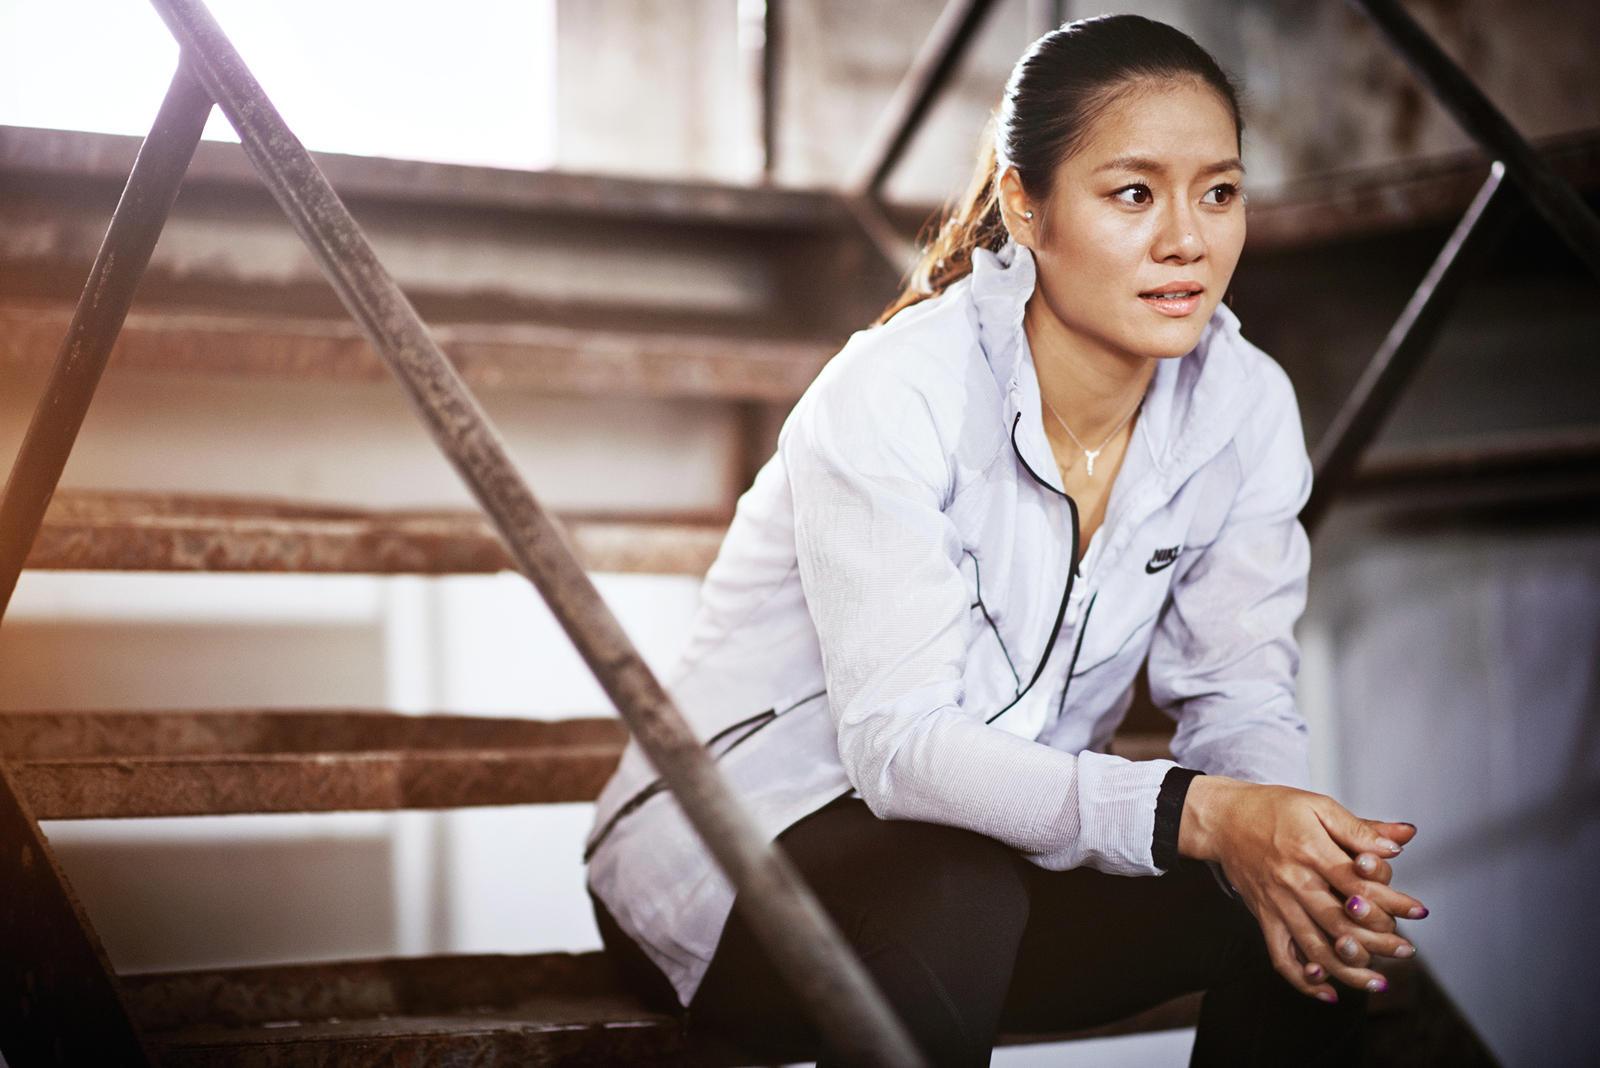 Nike-Womens-desperte-o-seu-melhor-brasil14